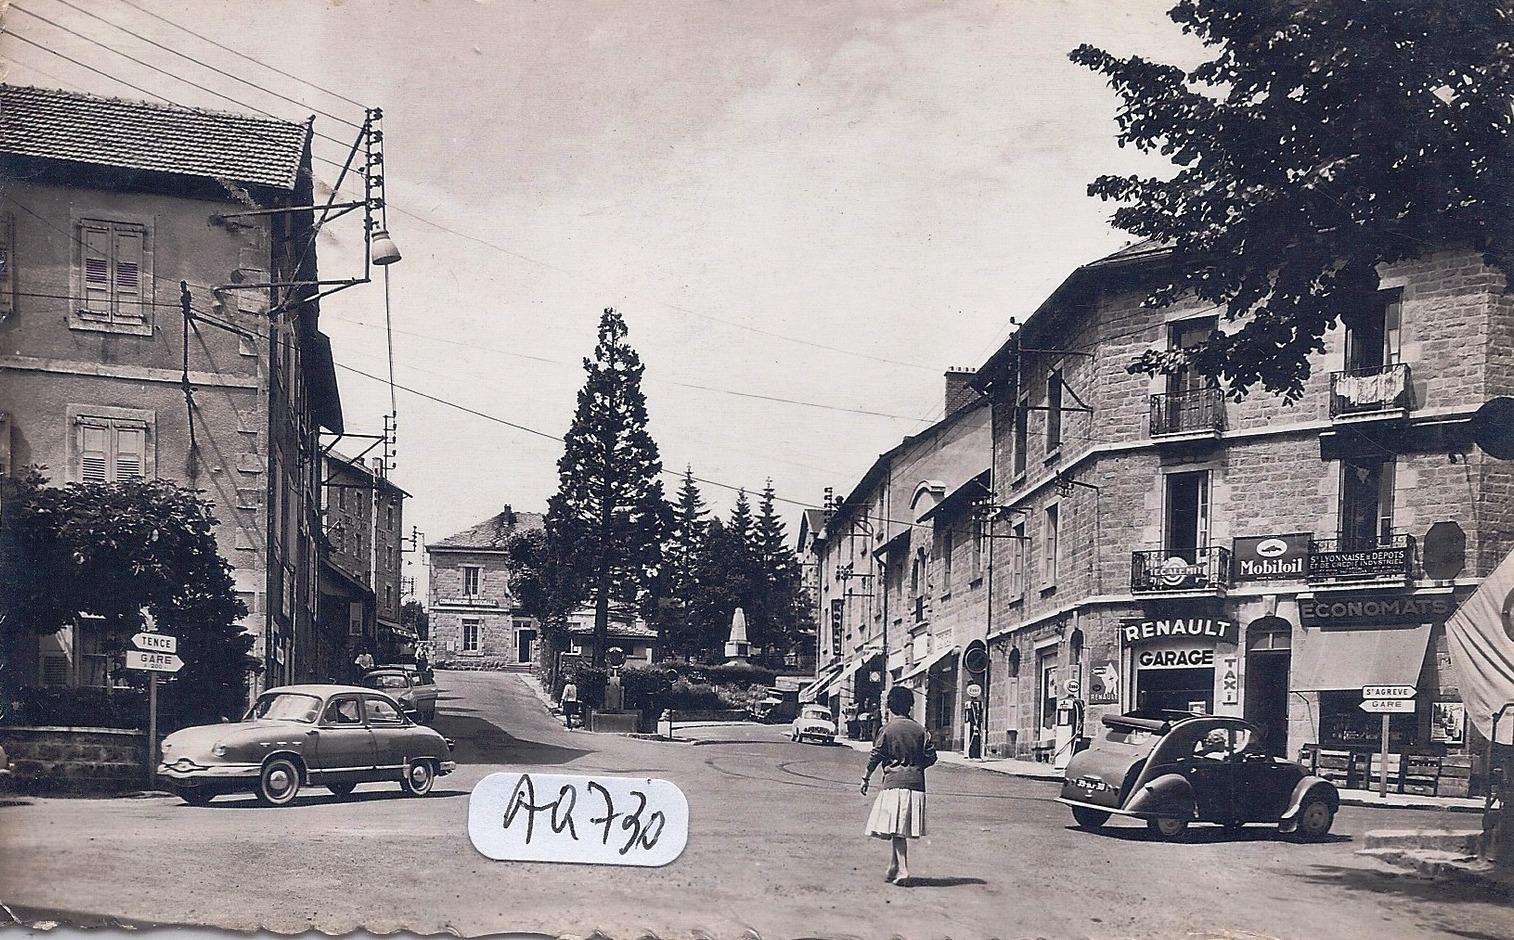 Renault---42-Chambon-sur-le-Lignon